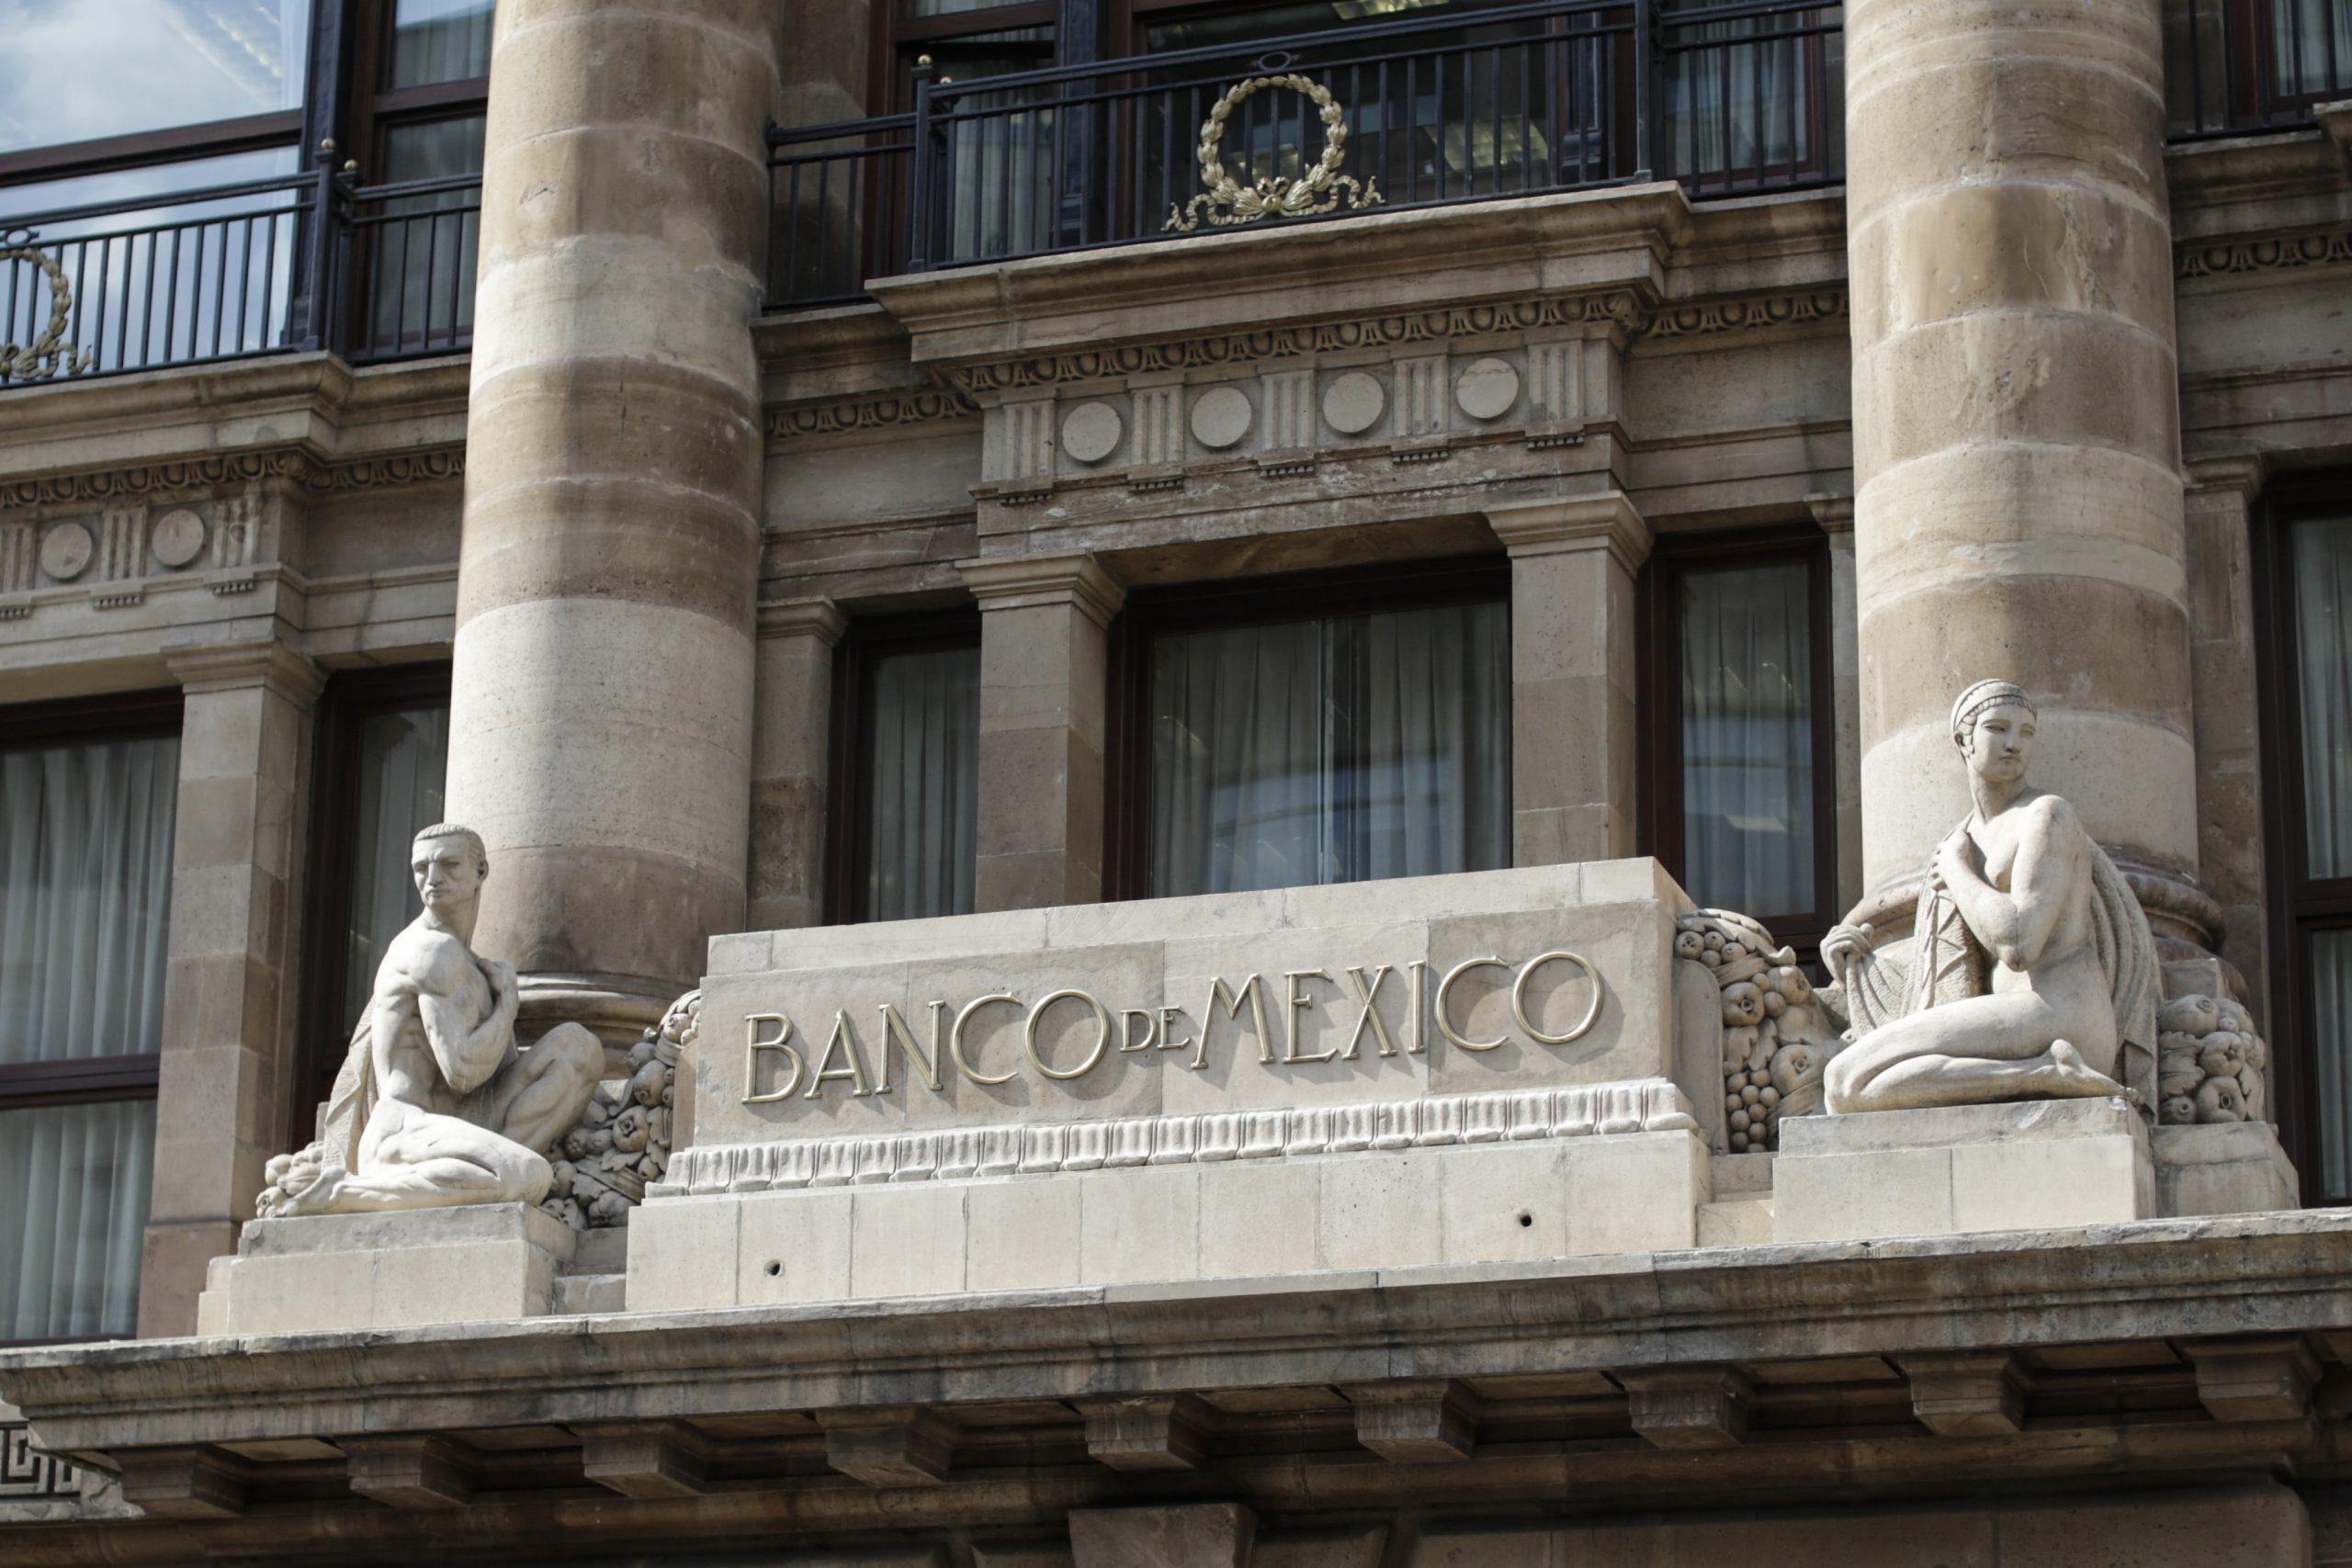 Economía de México enfrenta incertidumbre por COVID-19 aun con reaperturas productivas: Banxico